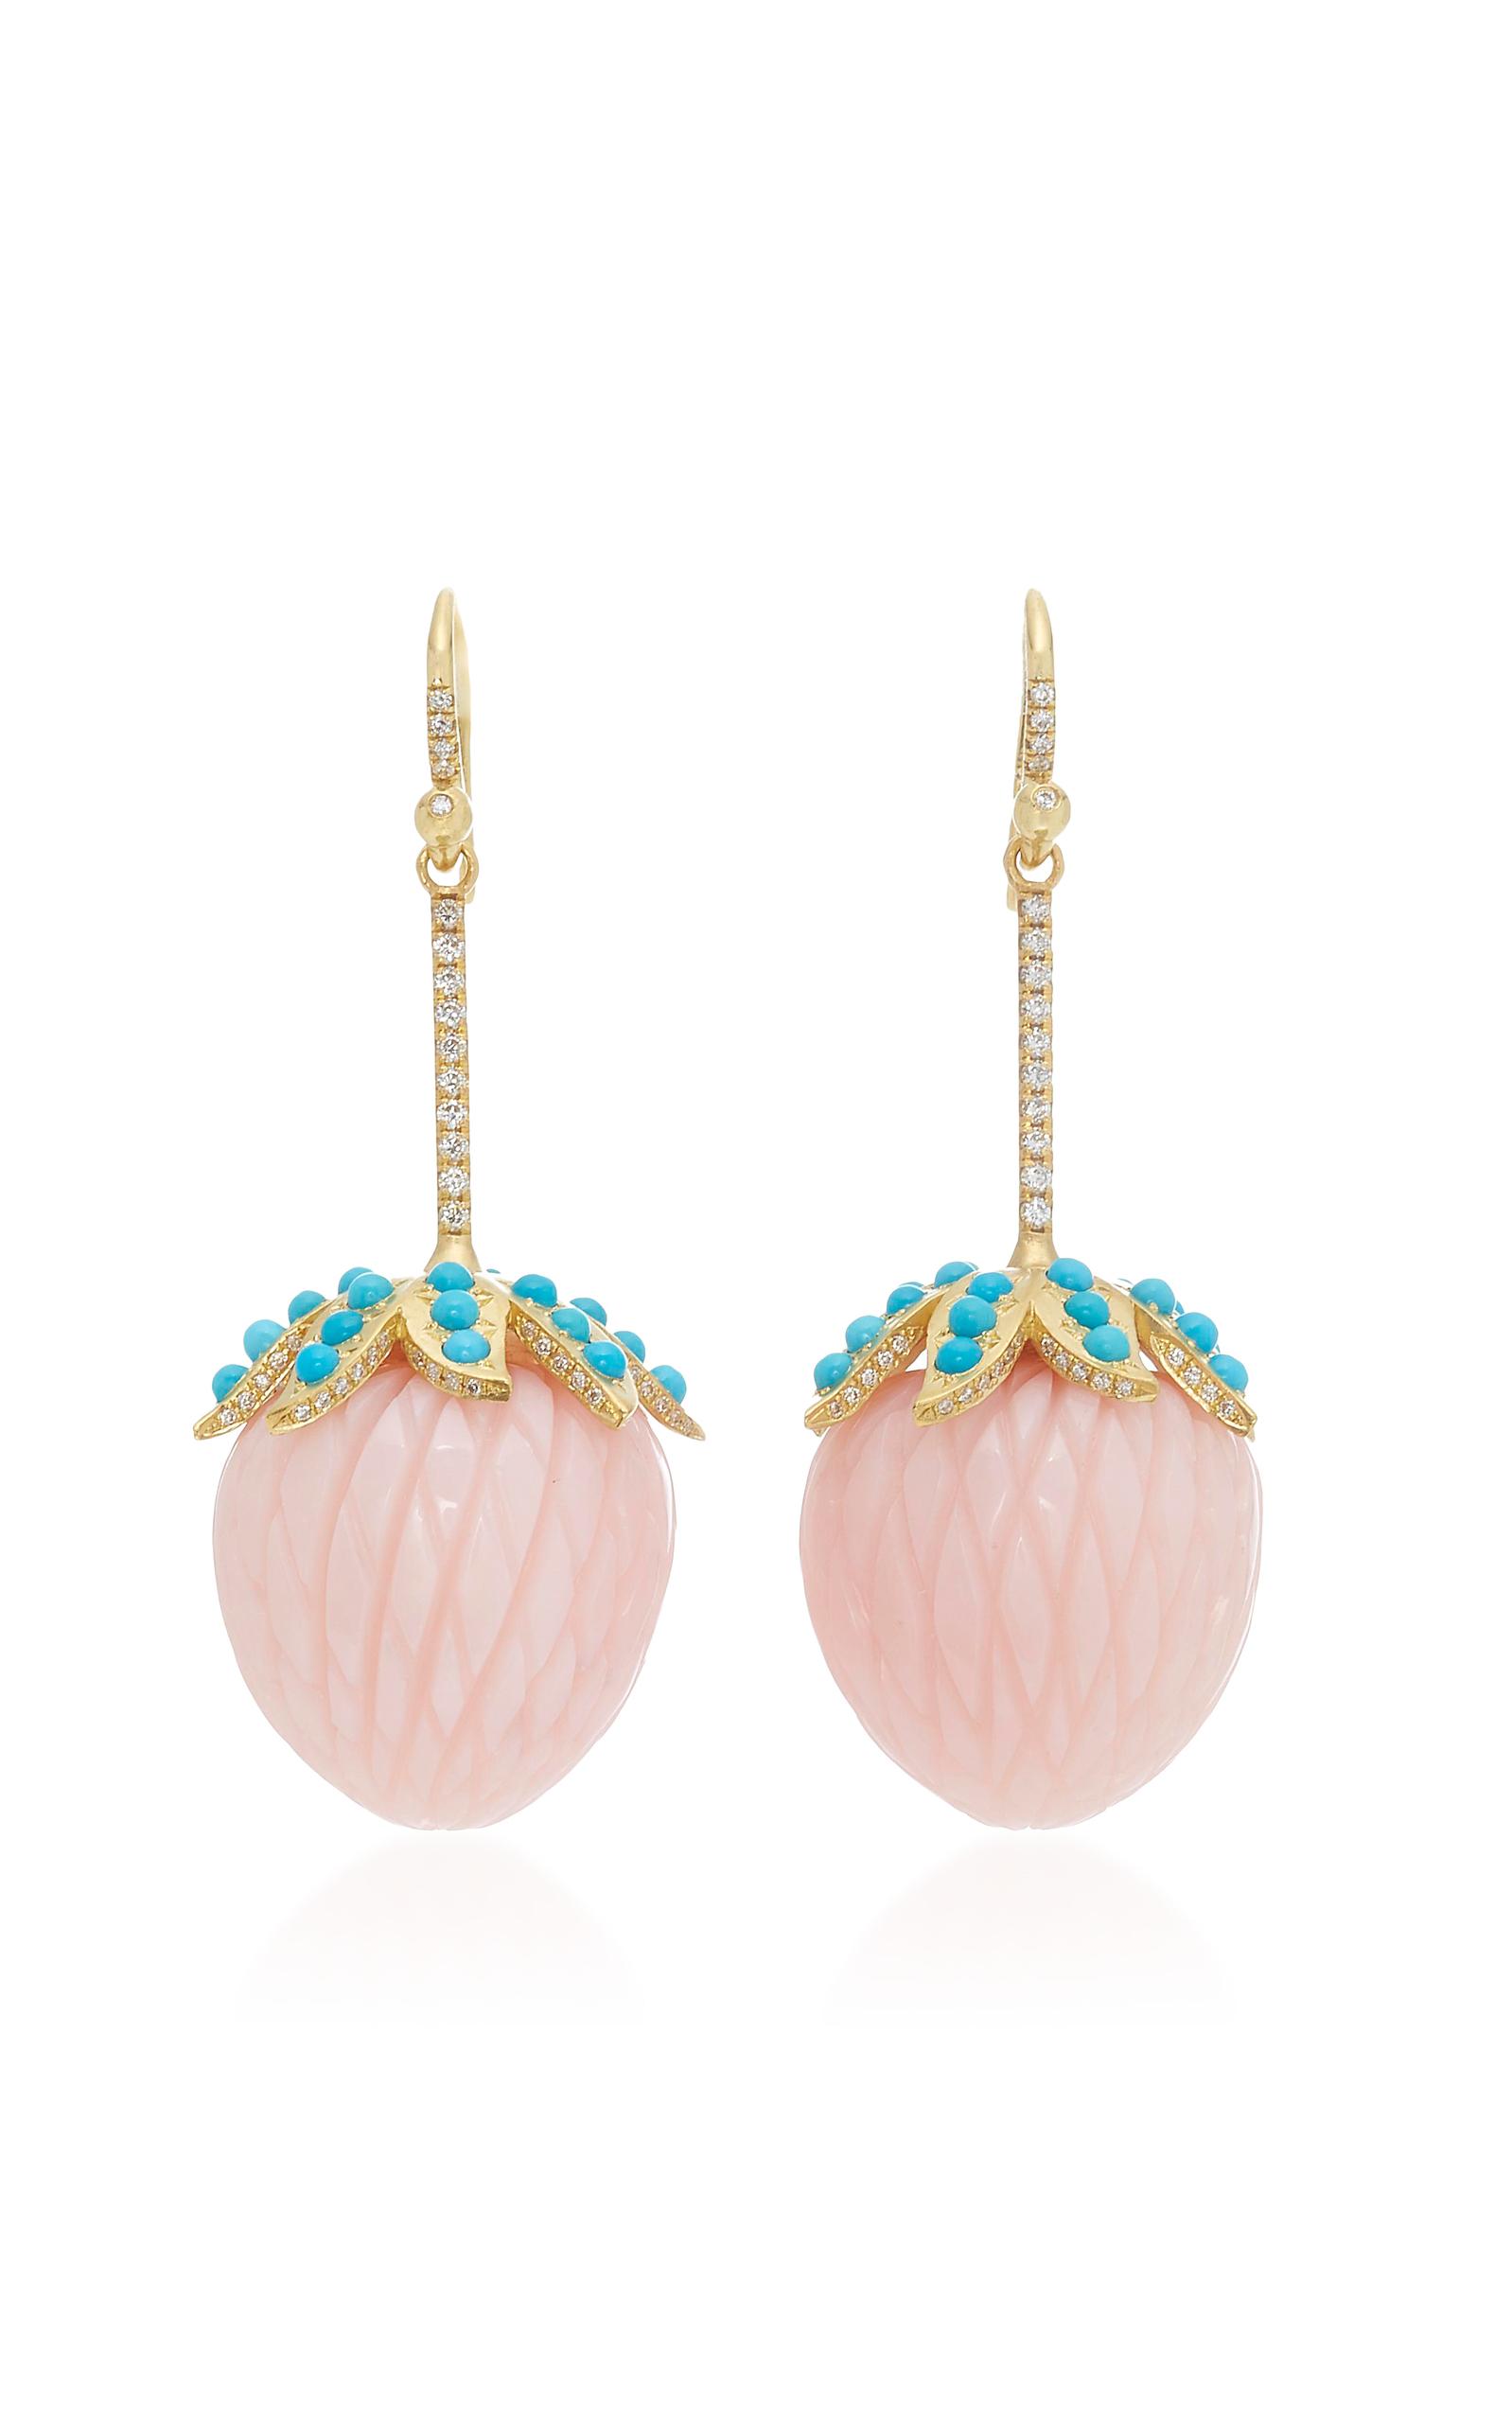 Irene Neuwirth Pink Opal Strawberry Earrings